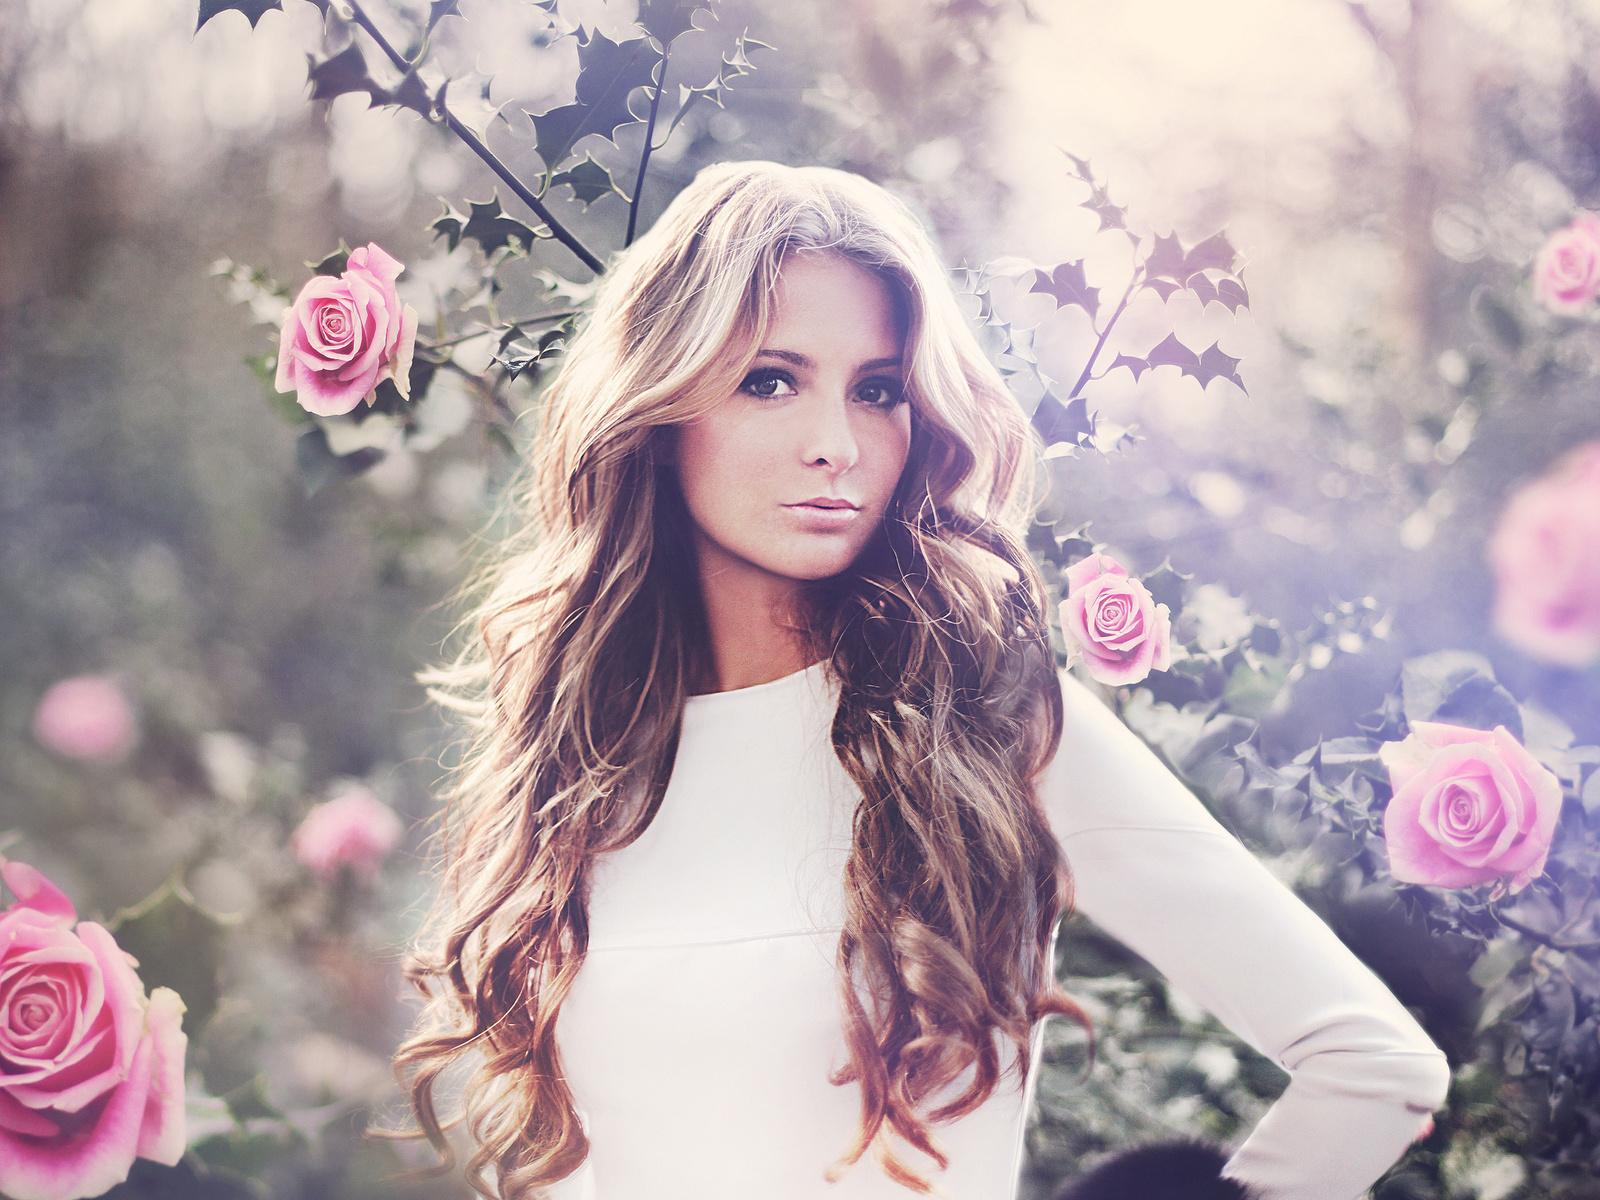 Imagenes bonitas para perfil de facebook Imágenes  - Imagenes De Mujeres Con Rosas Hermosas